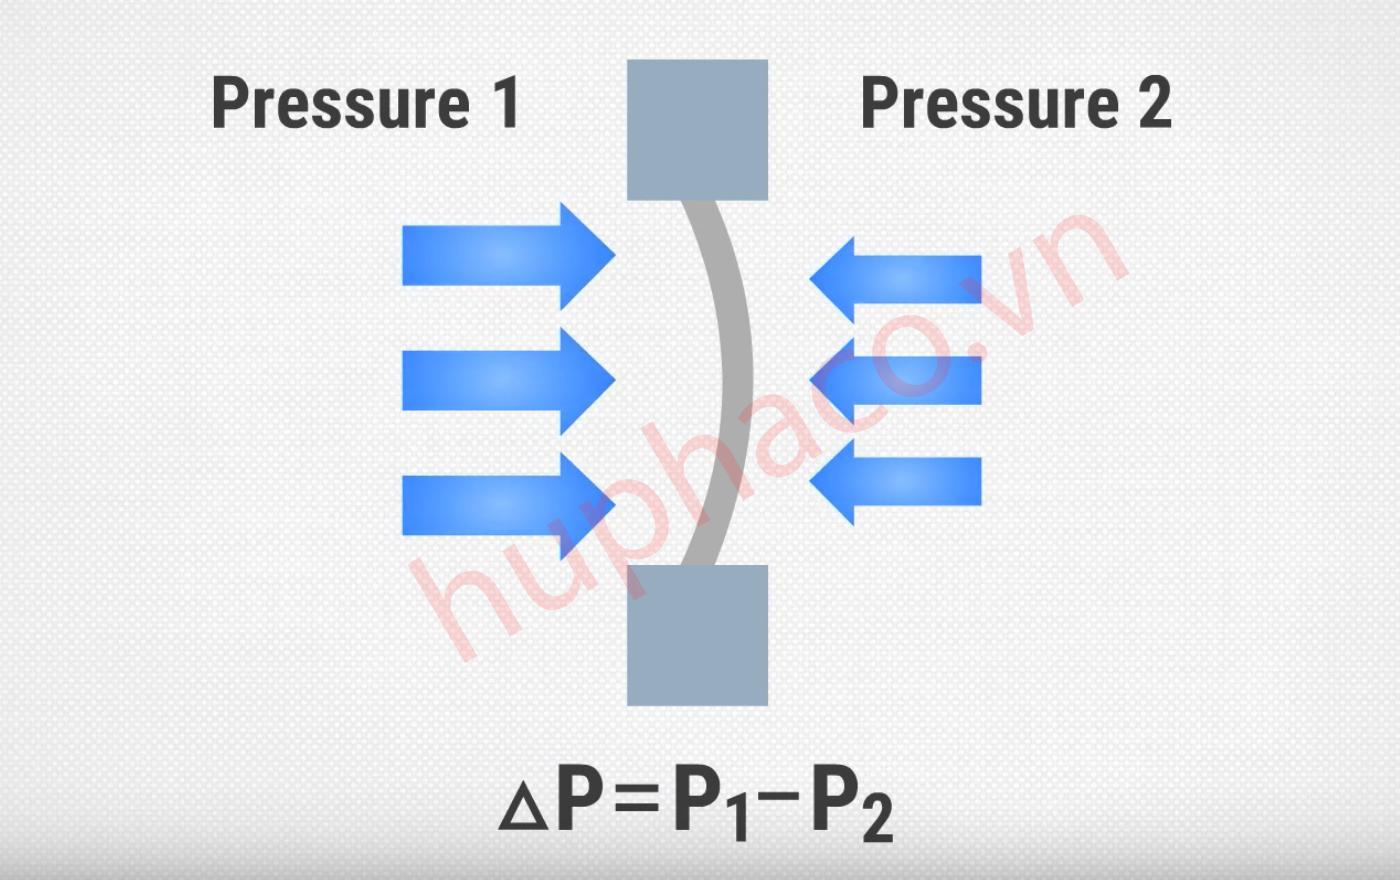 Áp suất chênh áp được dùng để đo sự chênh lệch áp suất